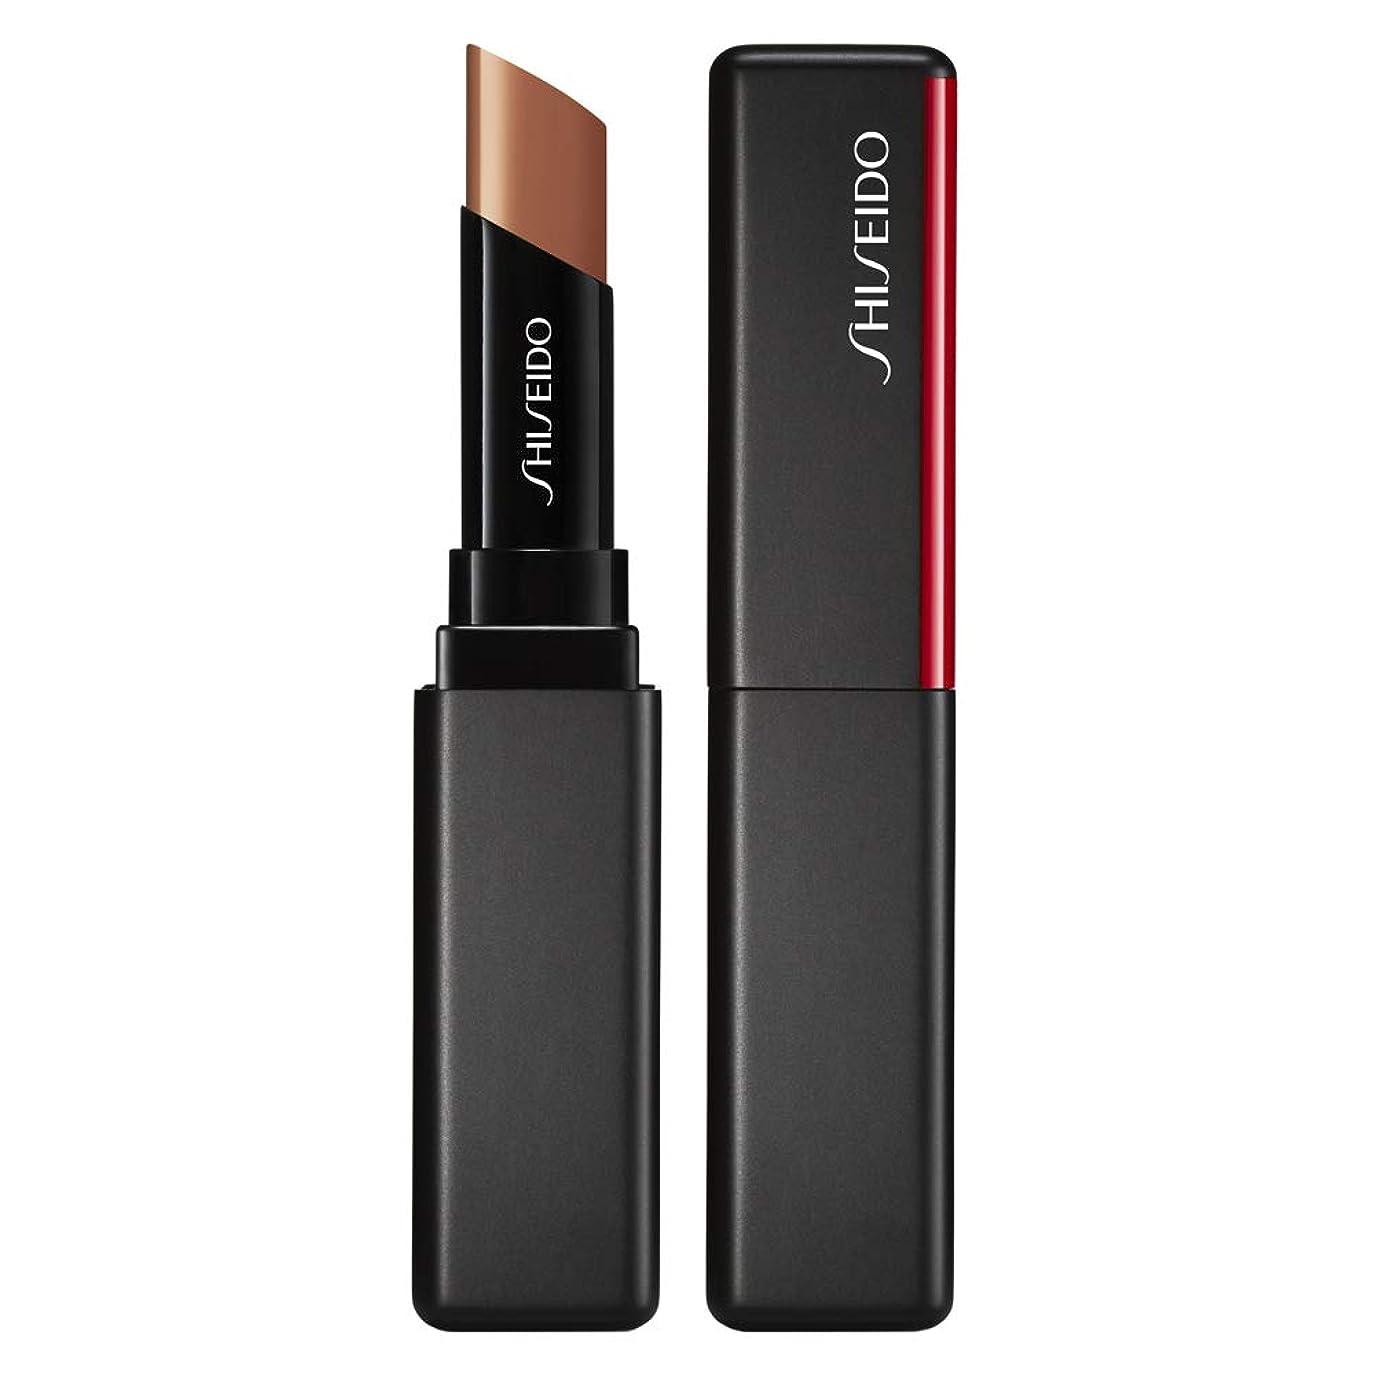 ダーツペフ説明資生堂 VisionAiry Gel Lipstick - # 201 Cyber Beige (Cashew) 1.6g/0.05oz並行輸入品